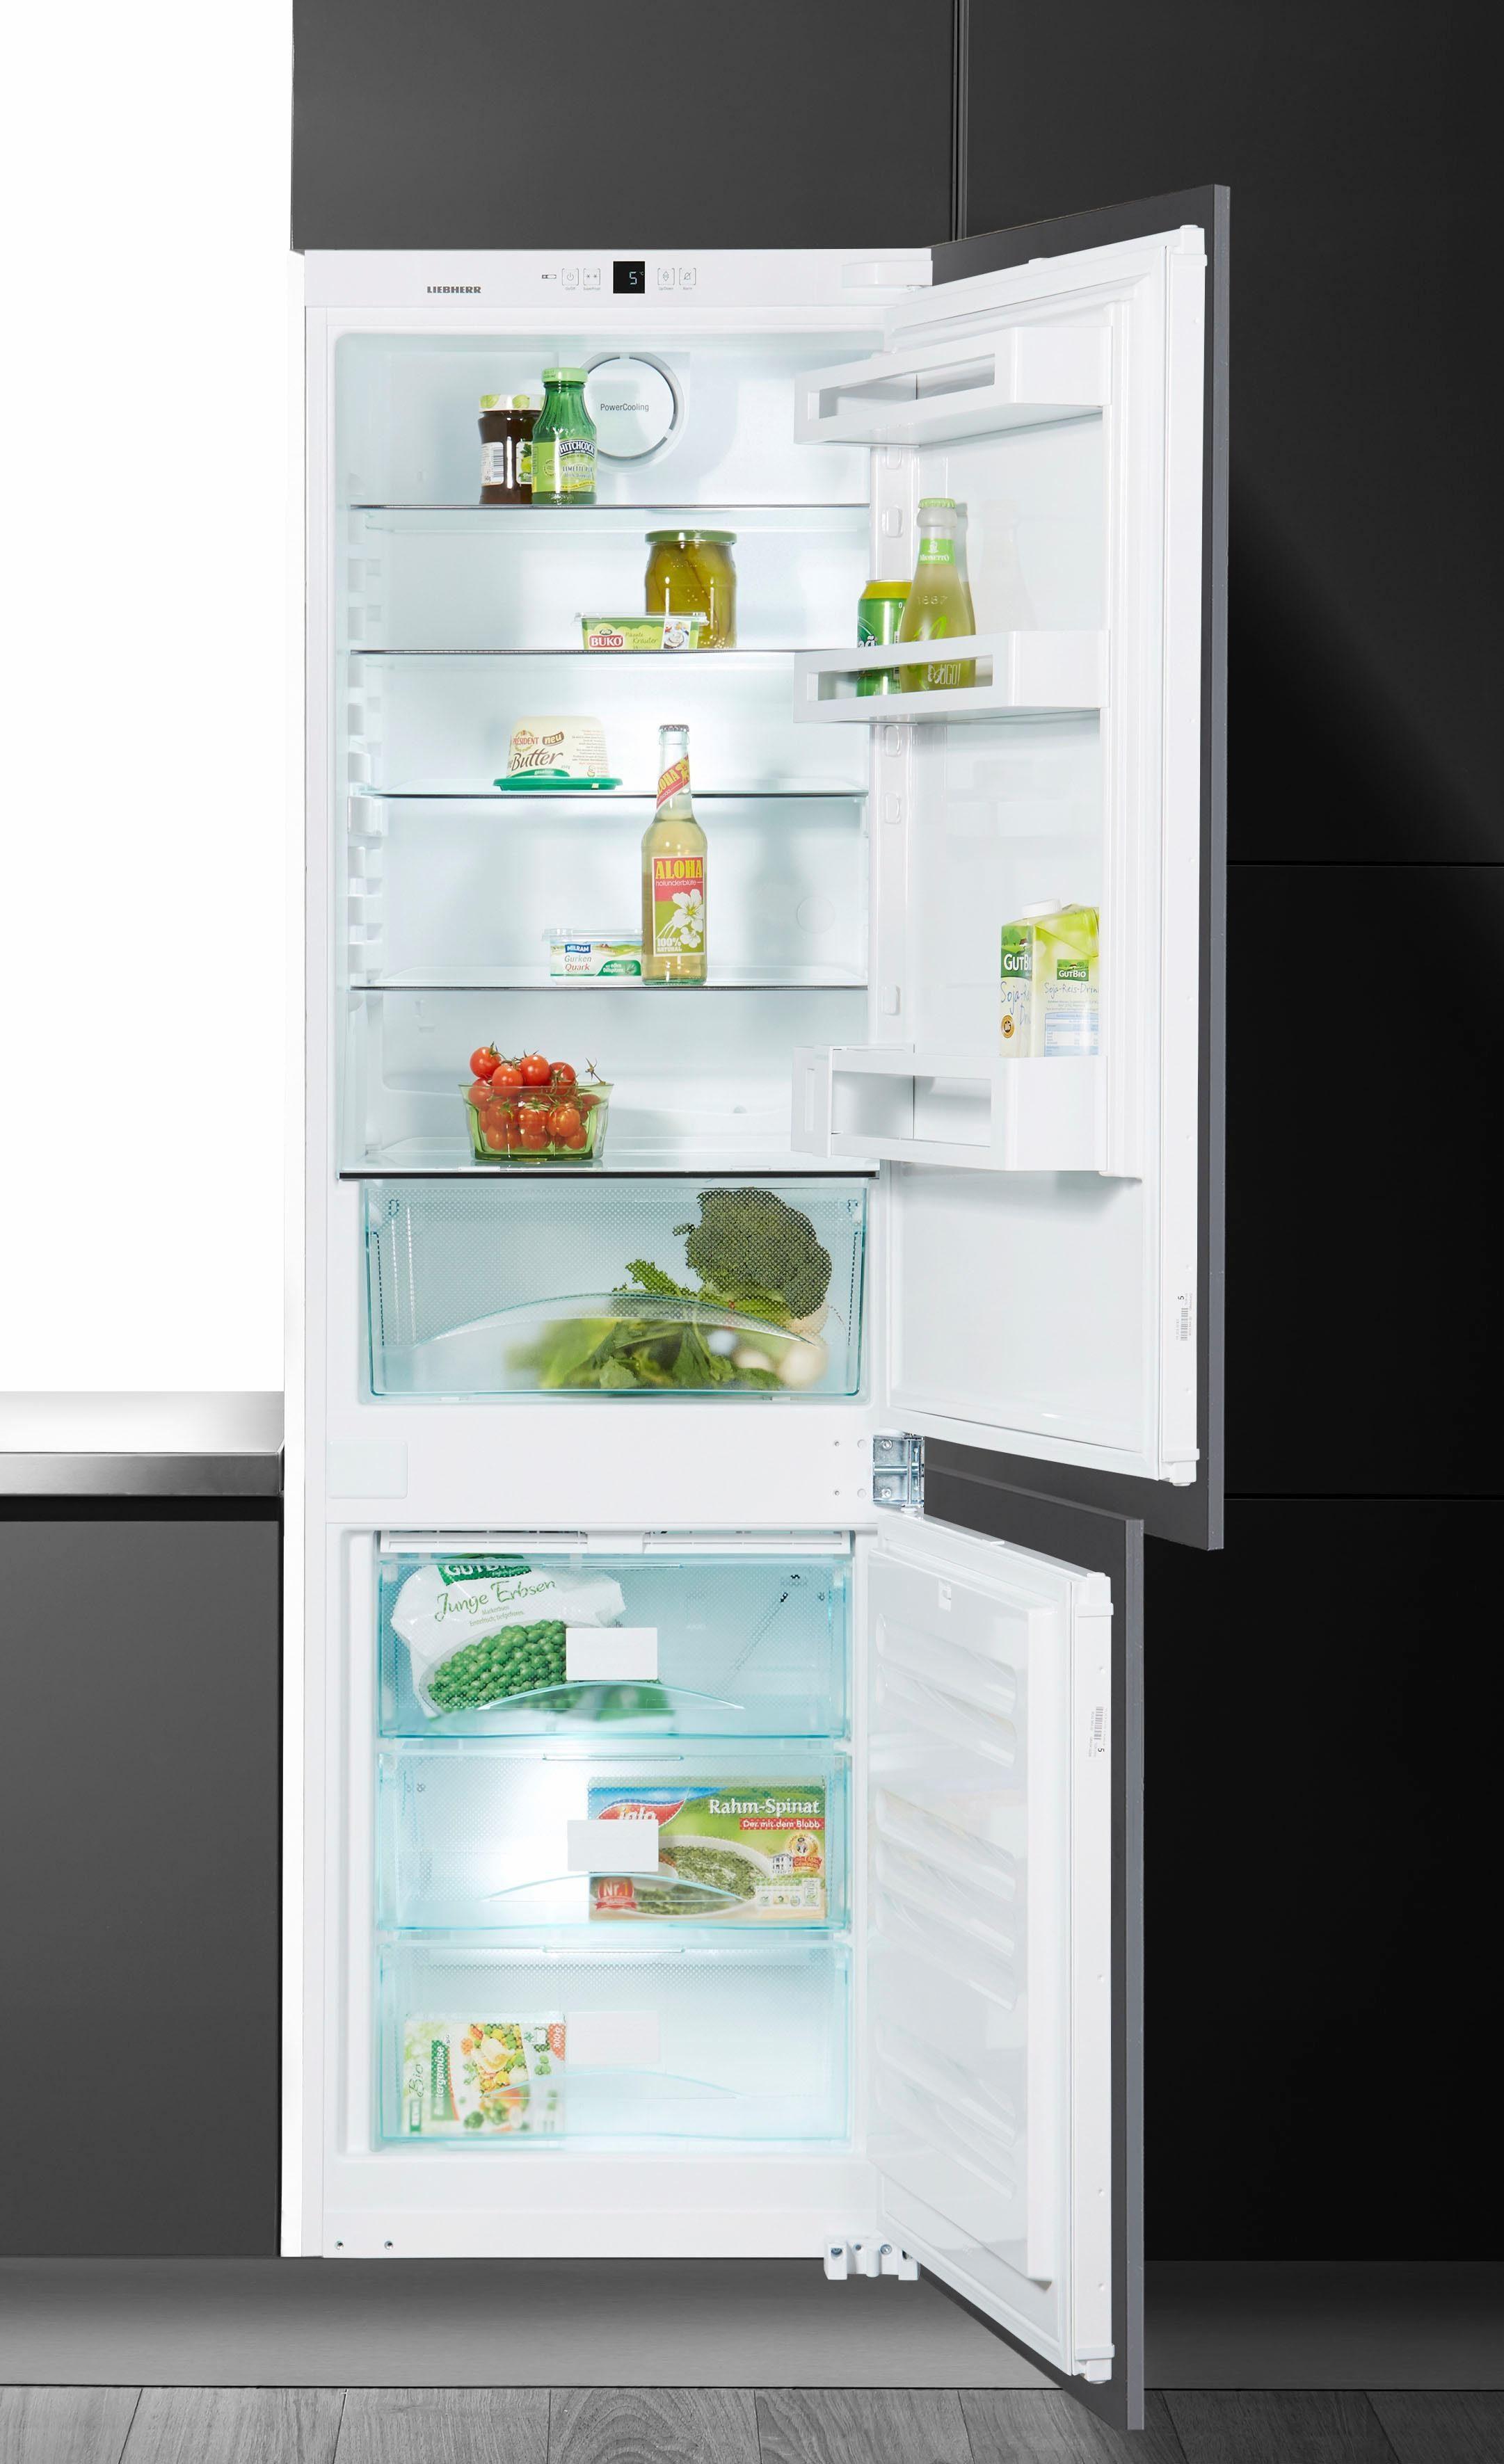 Liebherr integrierbare Einbau-Kühl-Gefrier-Kombination ICUNS 3324, Energieklasse A++, 177 cm hoch